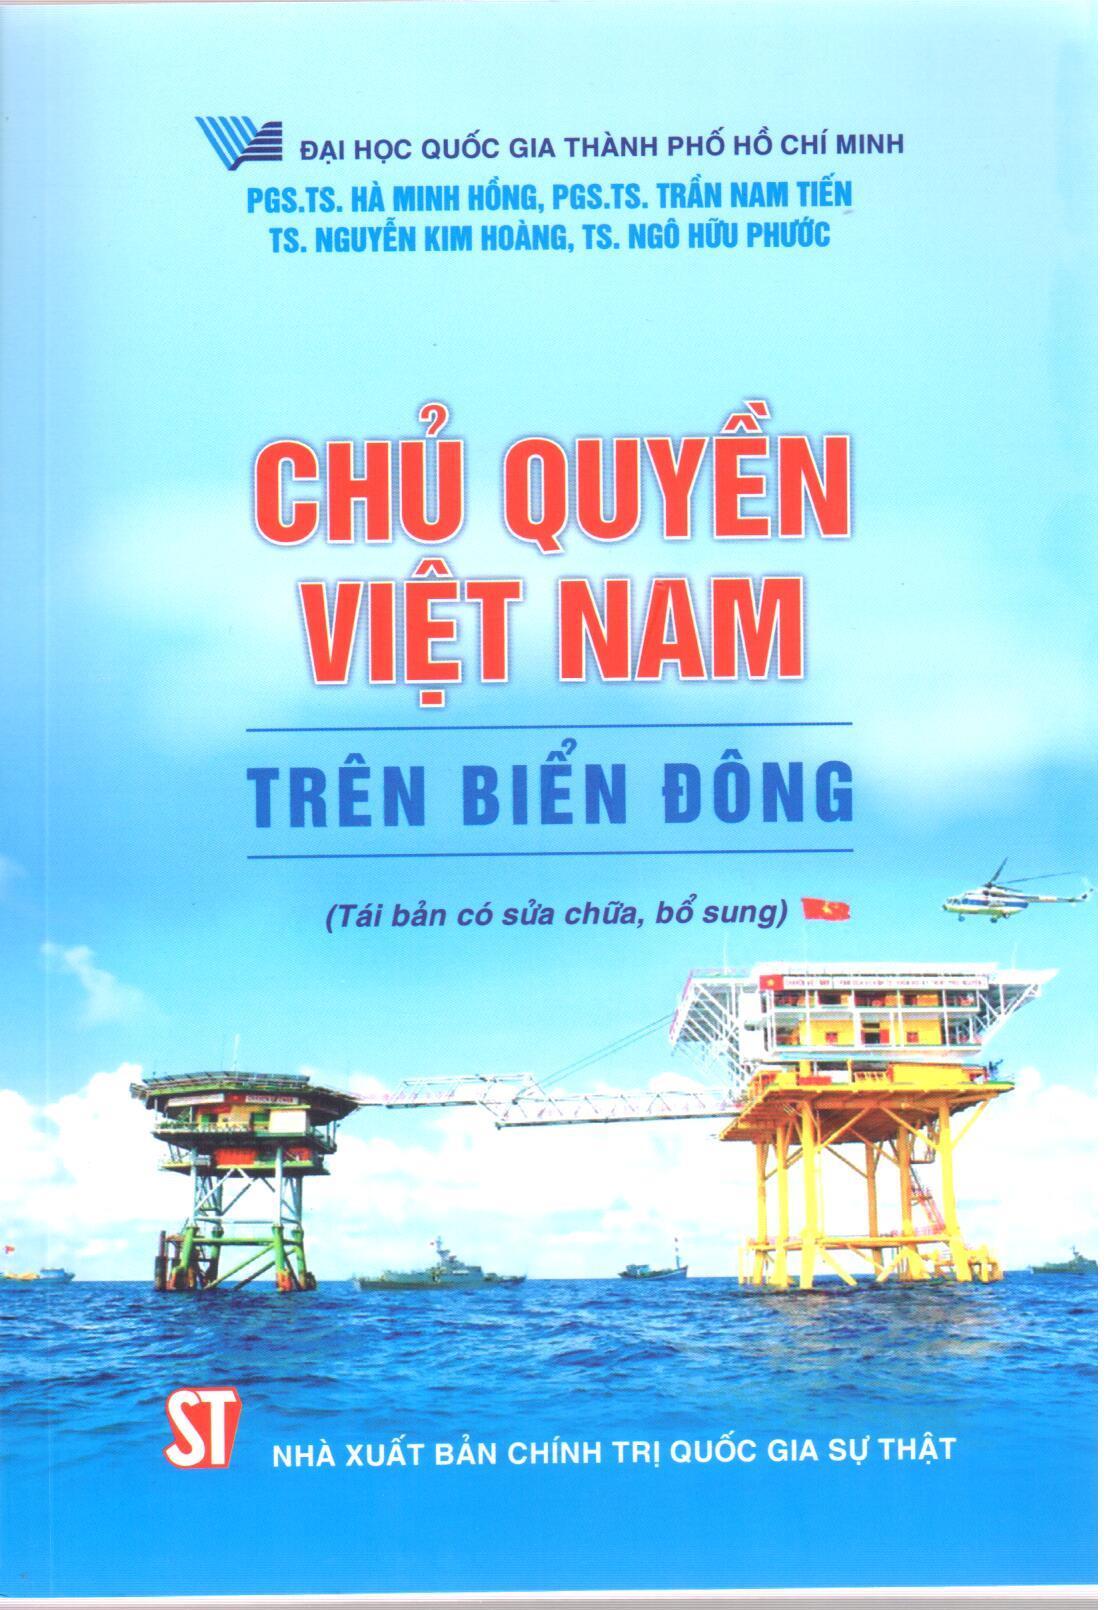 Chủ quyền Việt Nam trên Biển Đông (Tái bản có sửa chữa, bổ sung)